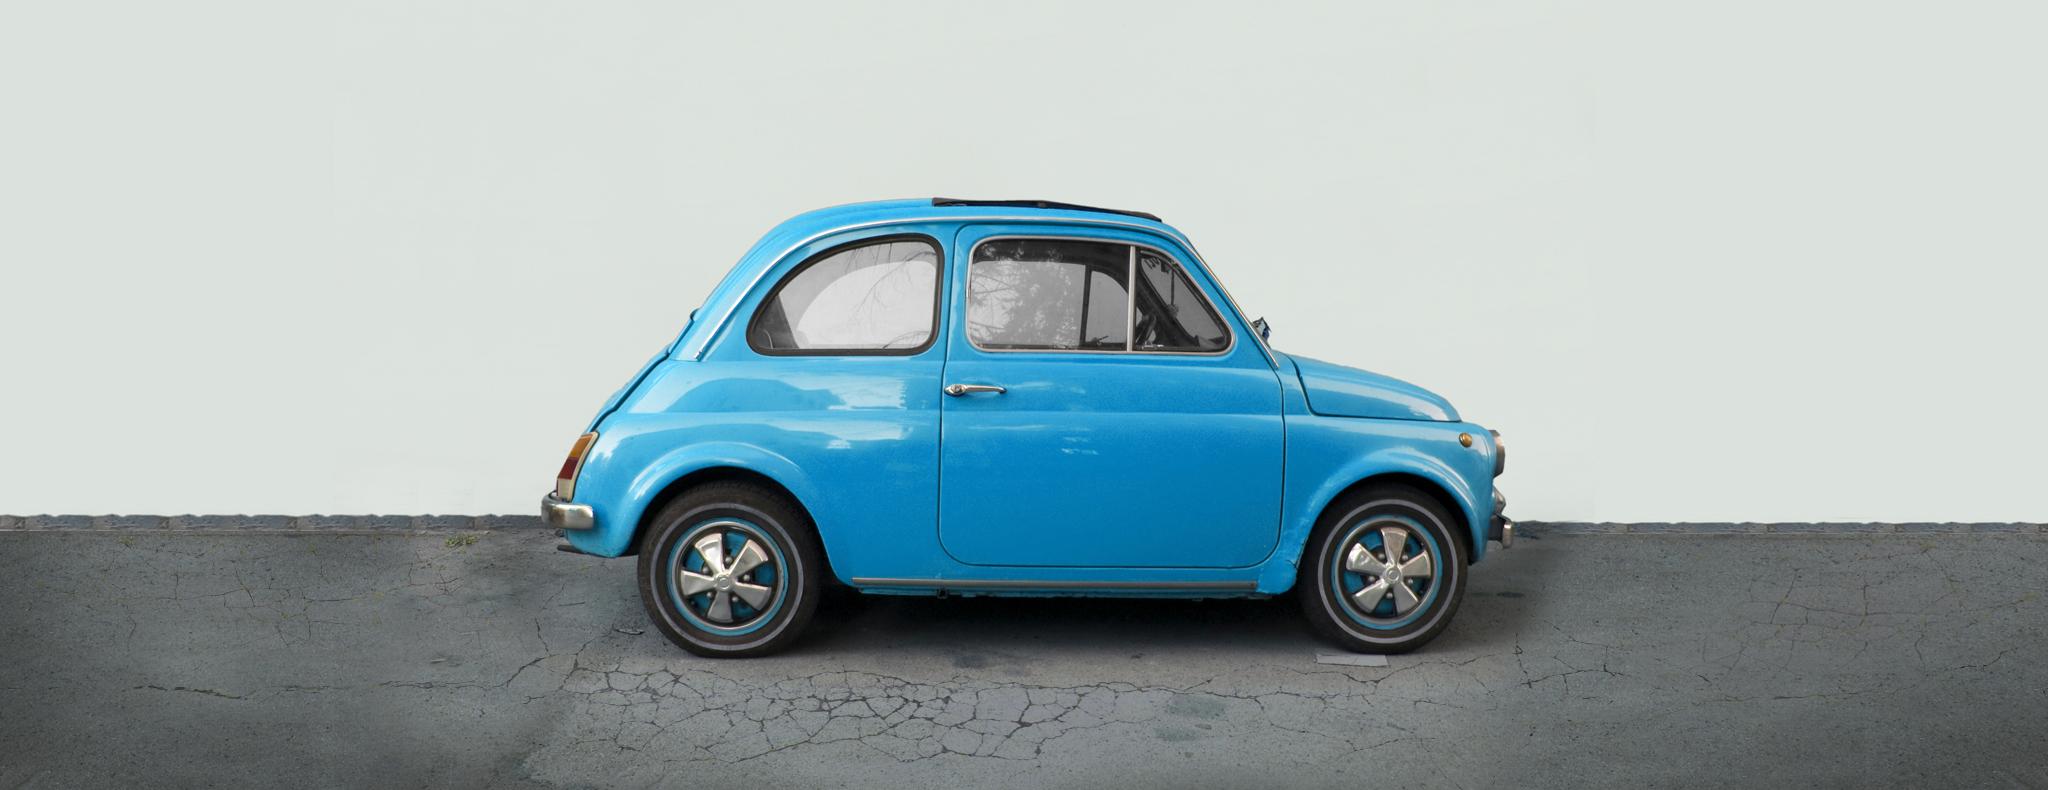 Catawiki-blue-fiat500